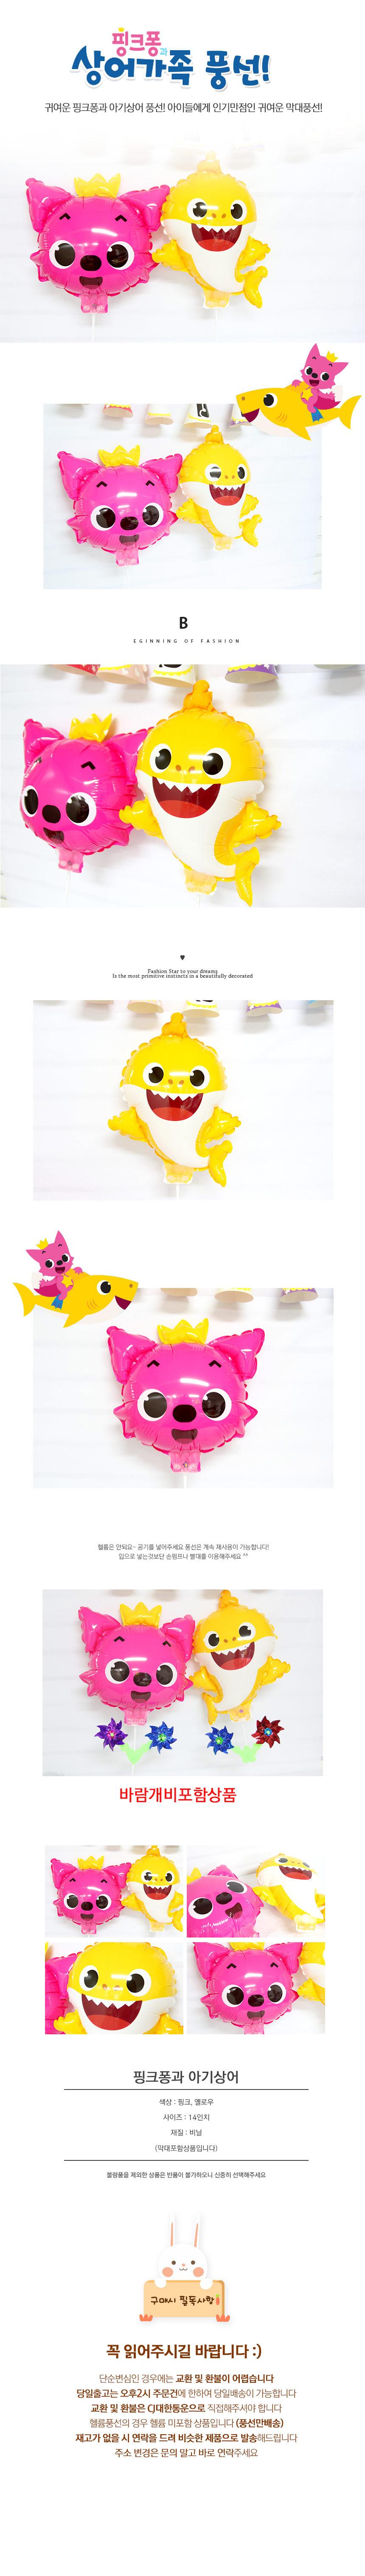 [파티스토리]핑크퐁 아기상어 캐릭터 바람개비풍선 - 파티스토리, 3,000원, 파티용품, 풍선/세트